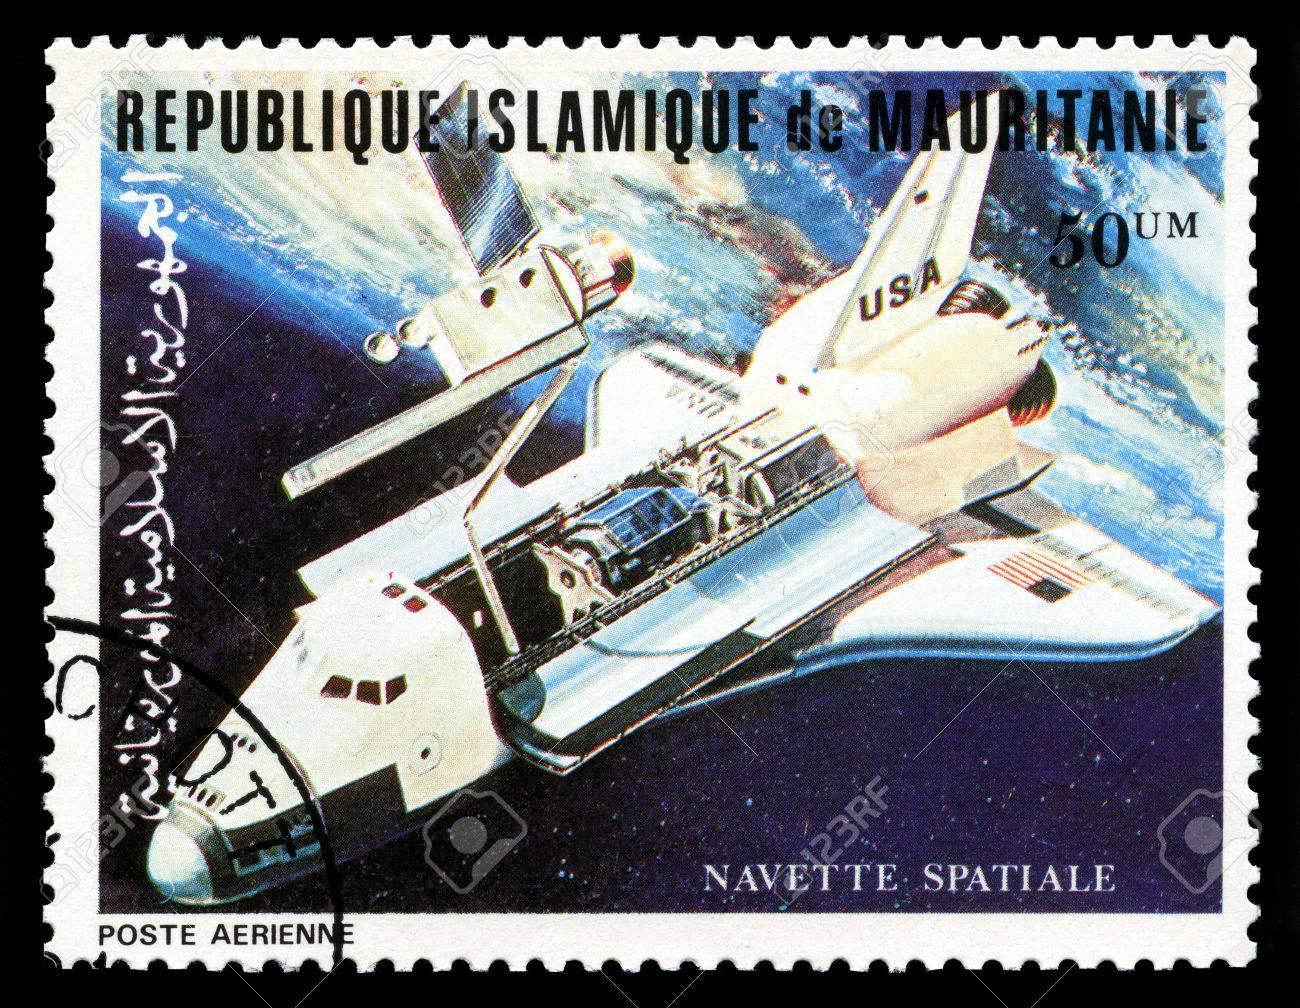 REPUBLIQUE ISLAMIQUE DE MAURITANIE - CIRCA 1981: A vintage postage stamp from Republique Islamique de Mauritanie depicting an image of the Space Shuttle, circa 1981. - 31221917